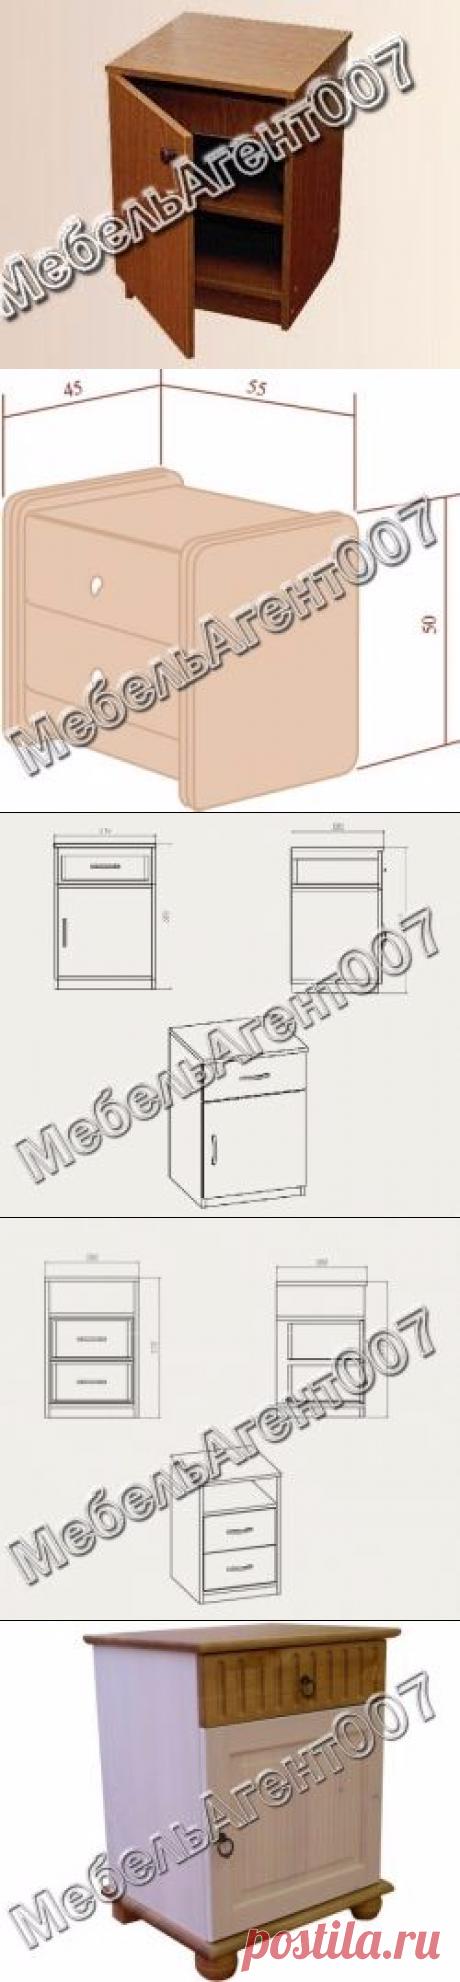 Как самому сделать оригинальную прикроватную тумбочку – методика, схемы и чертежи (Как сделать мебель самому)